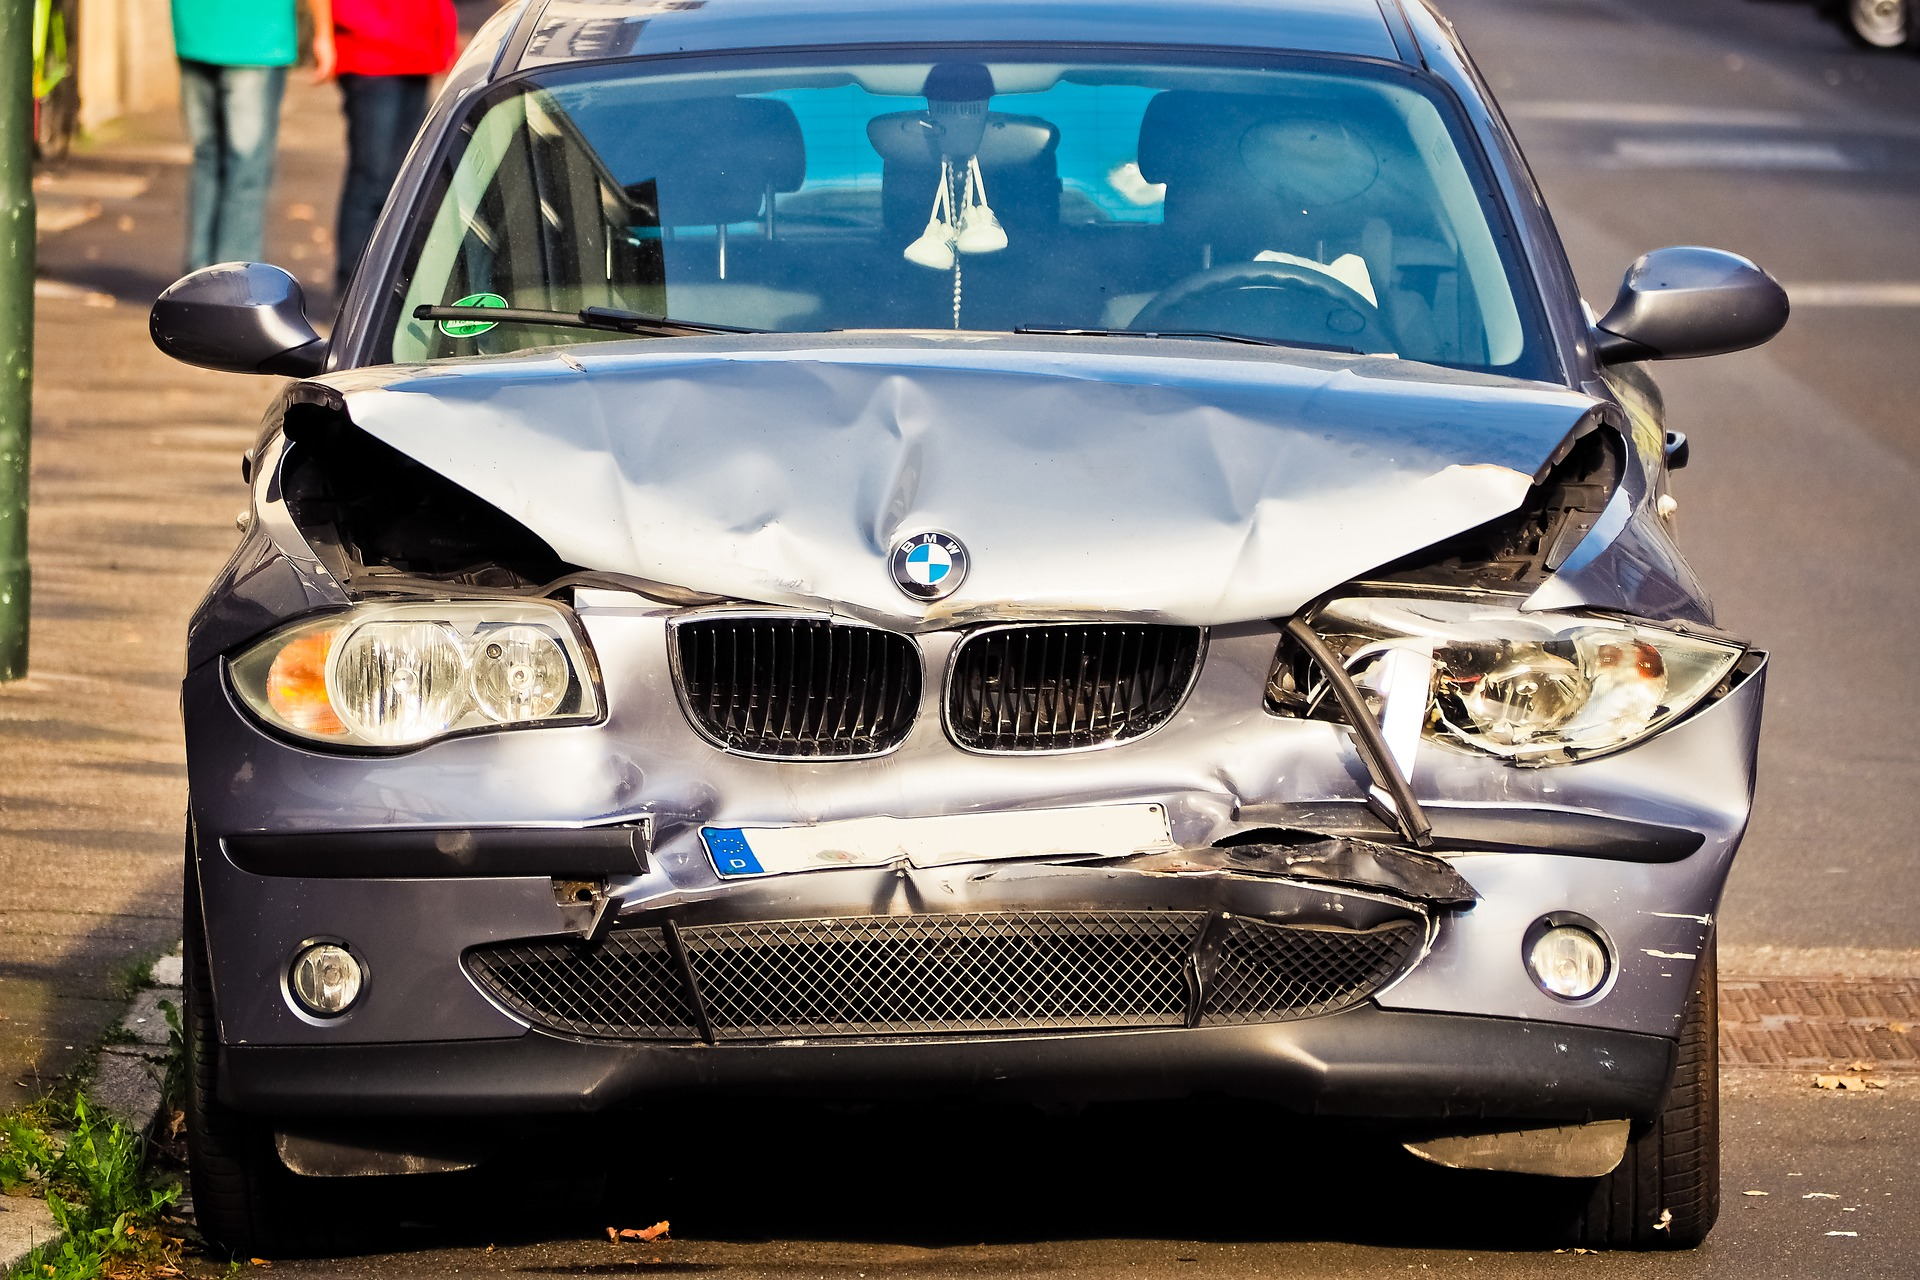 バイク、車で交通事故防止対策の最大の方法について考えてみた結果